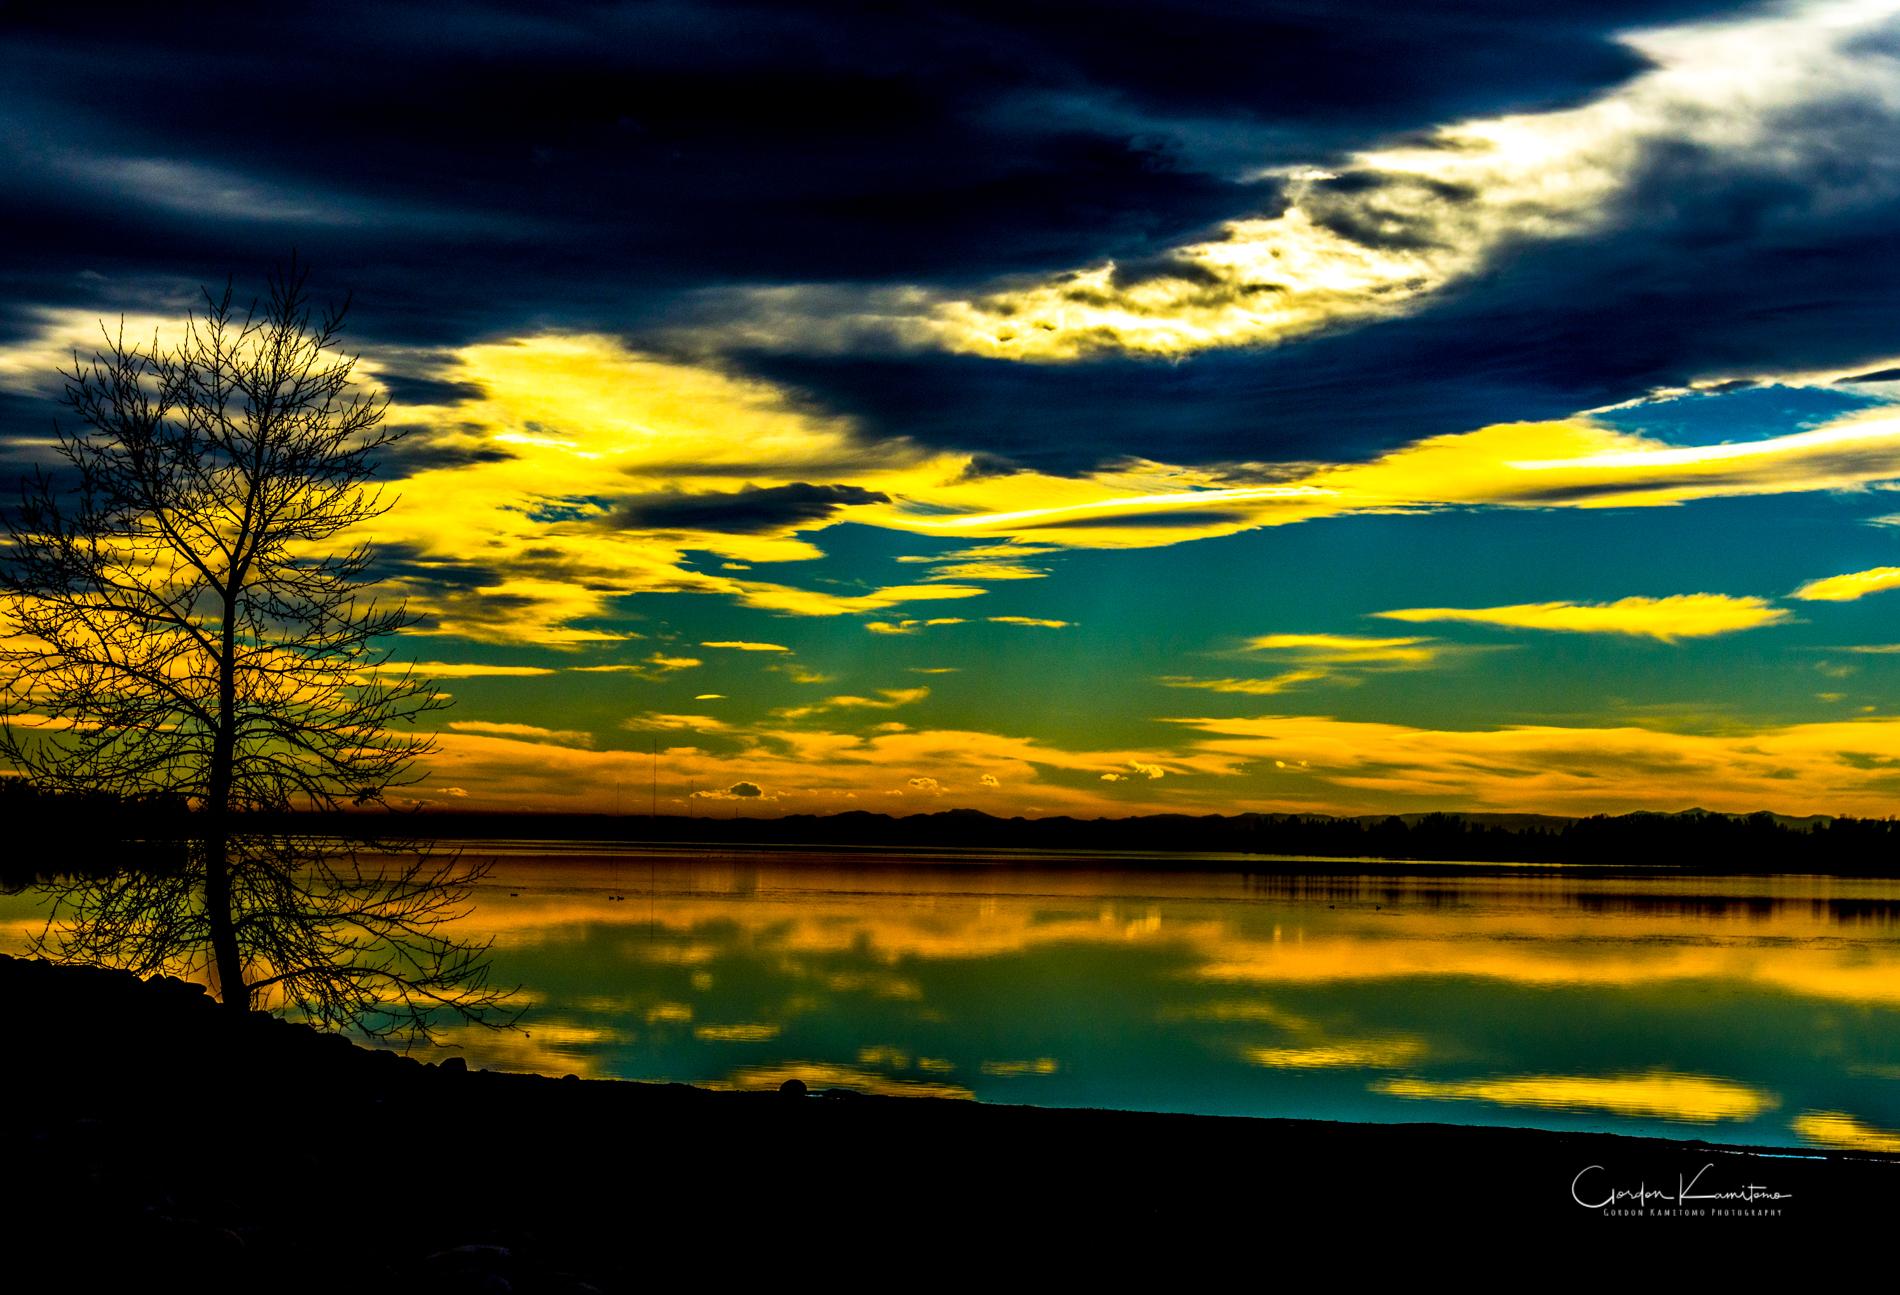 Chestemere Lake